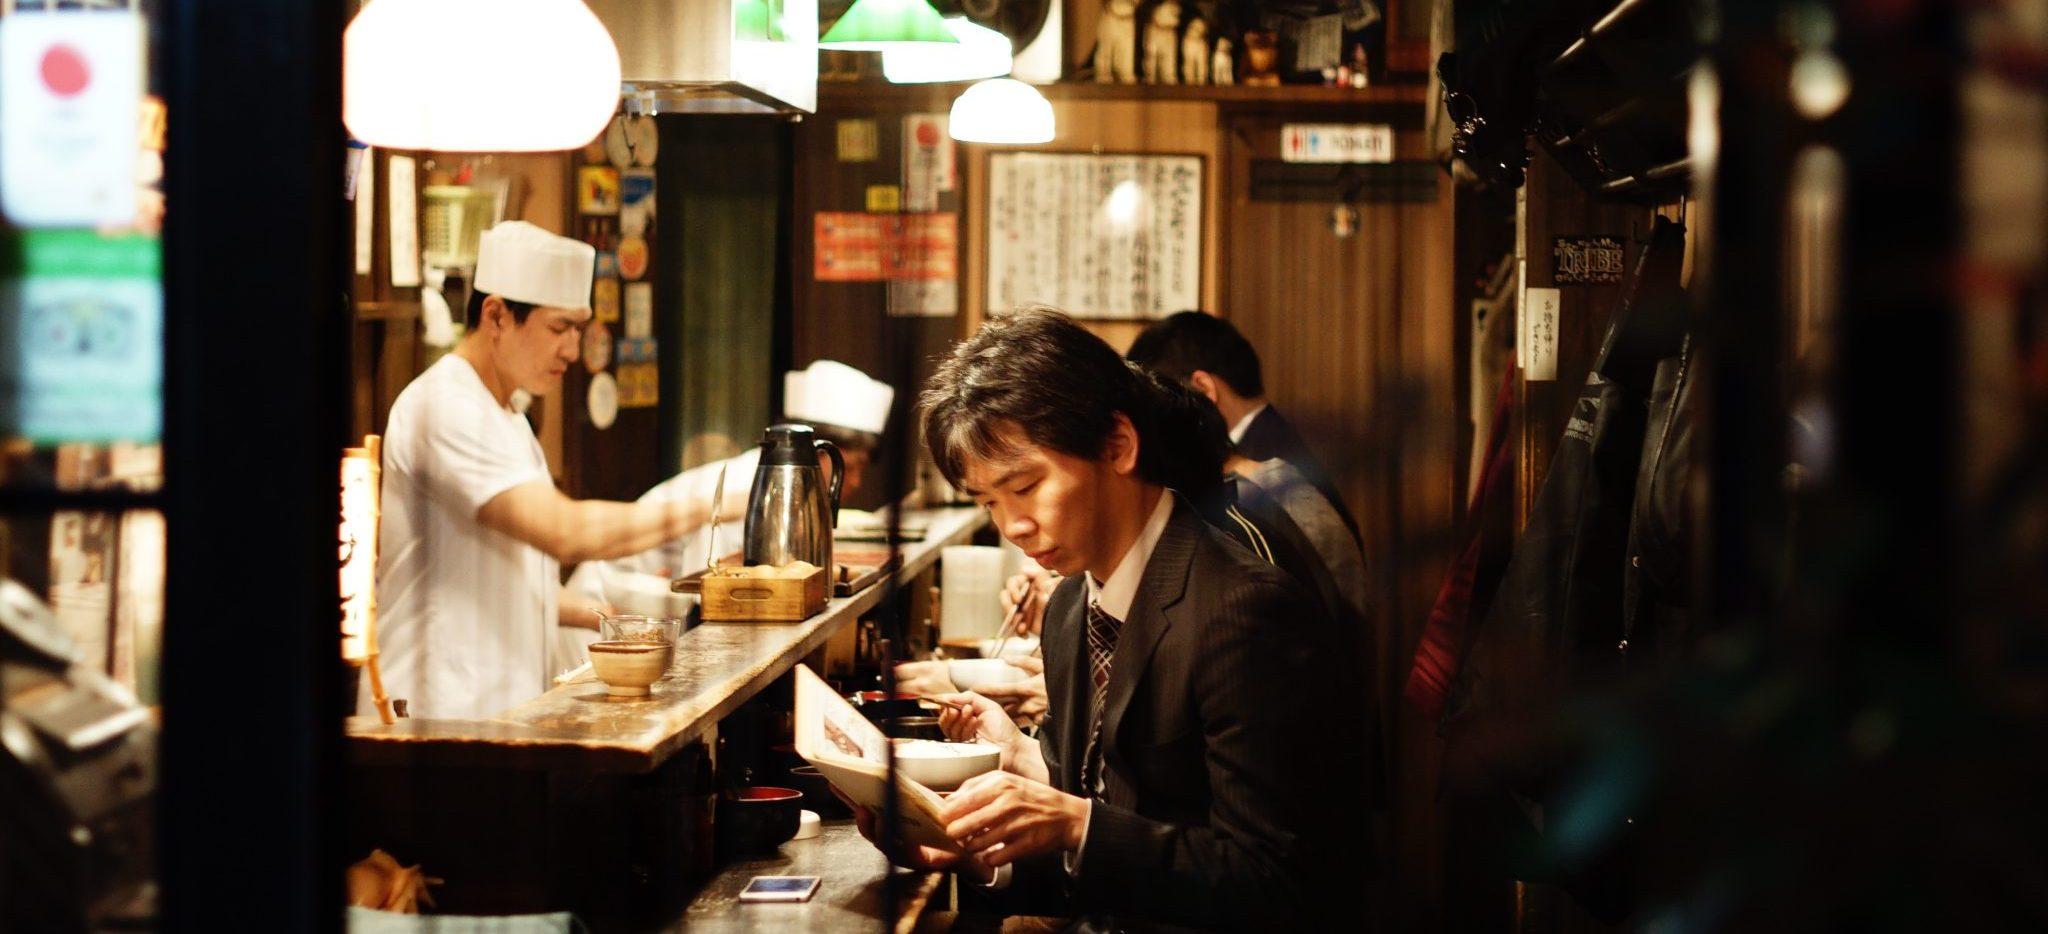 phrases en japonais dans les restaurants